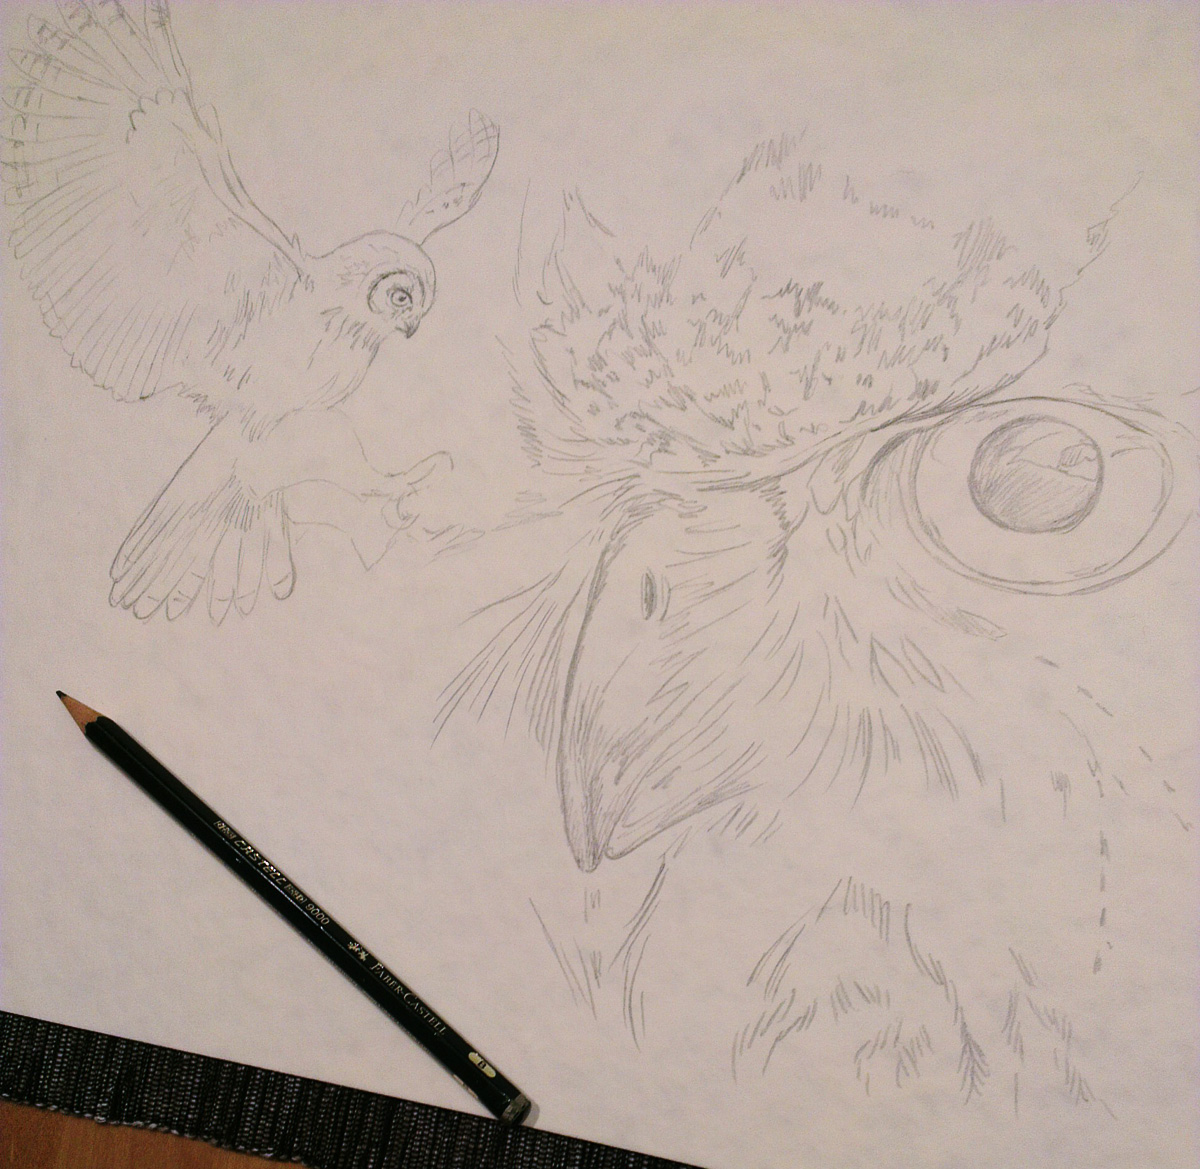 Bleistiftskizze auf dem Aquarellpapier.